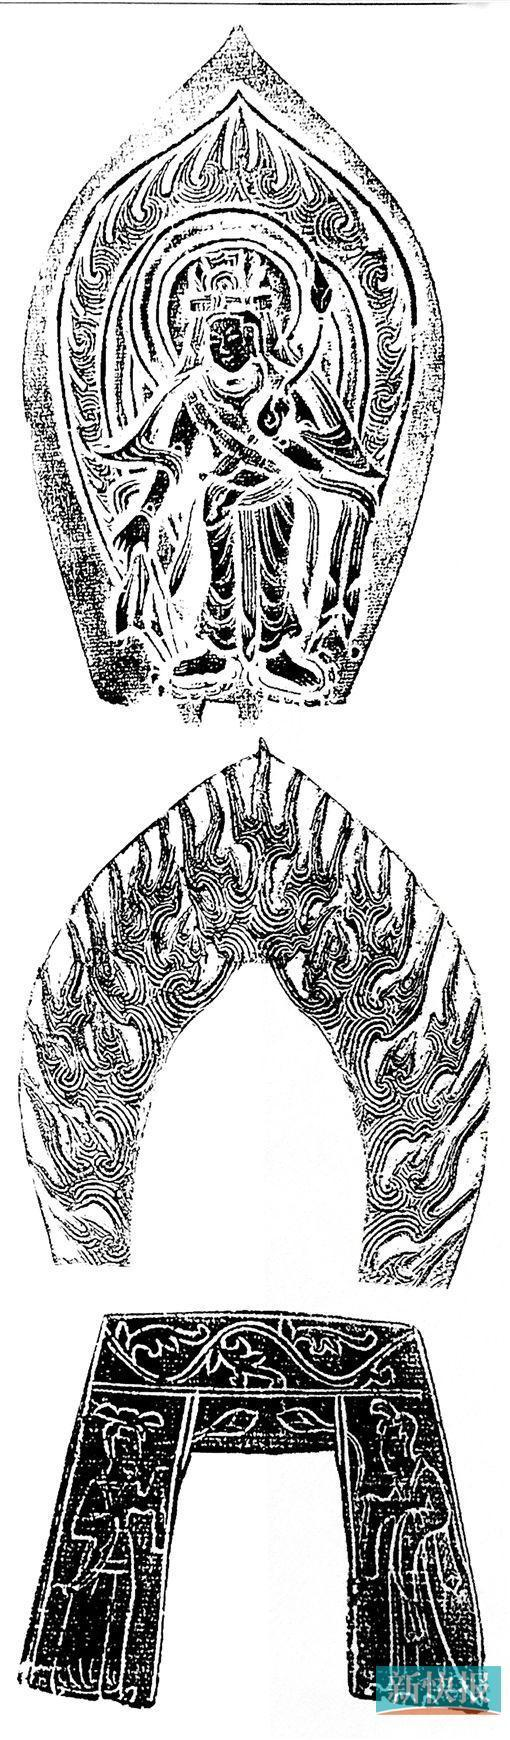 北魏造像的火焰背光及纹饰。